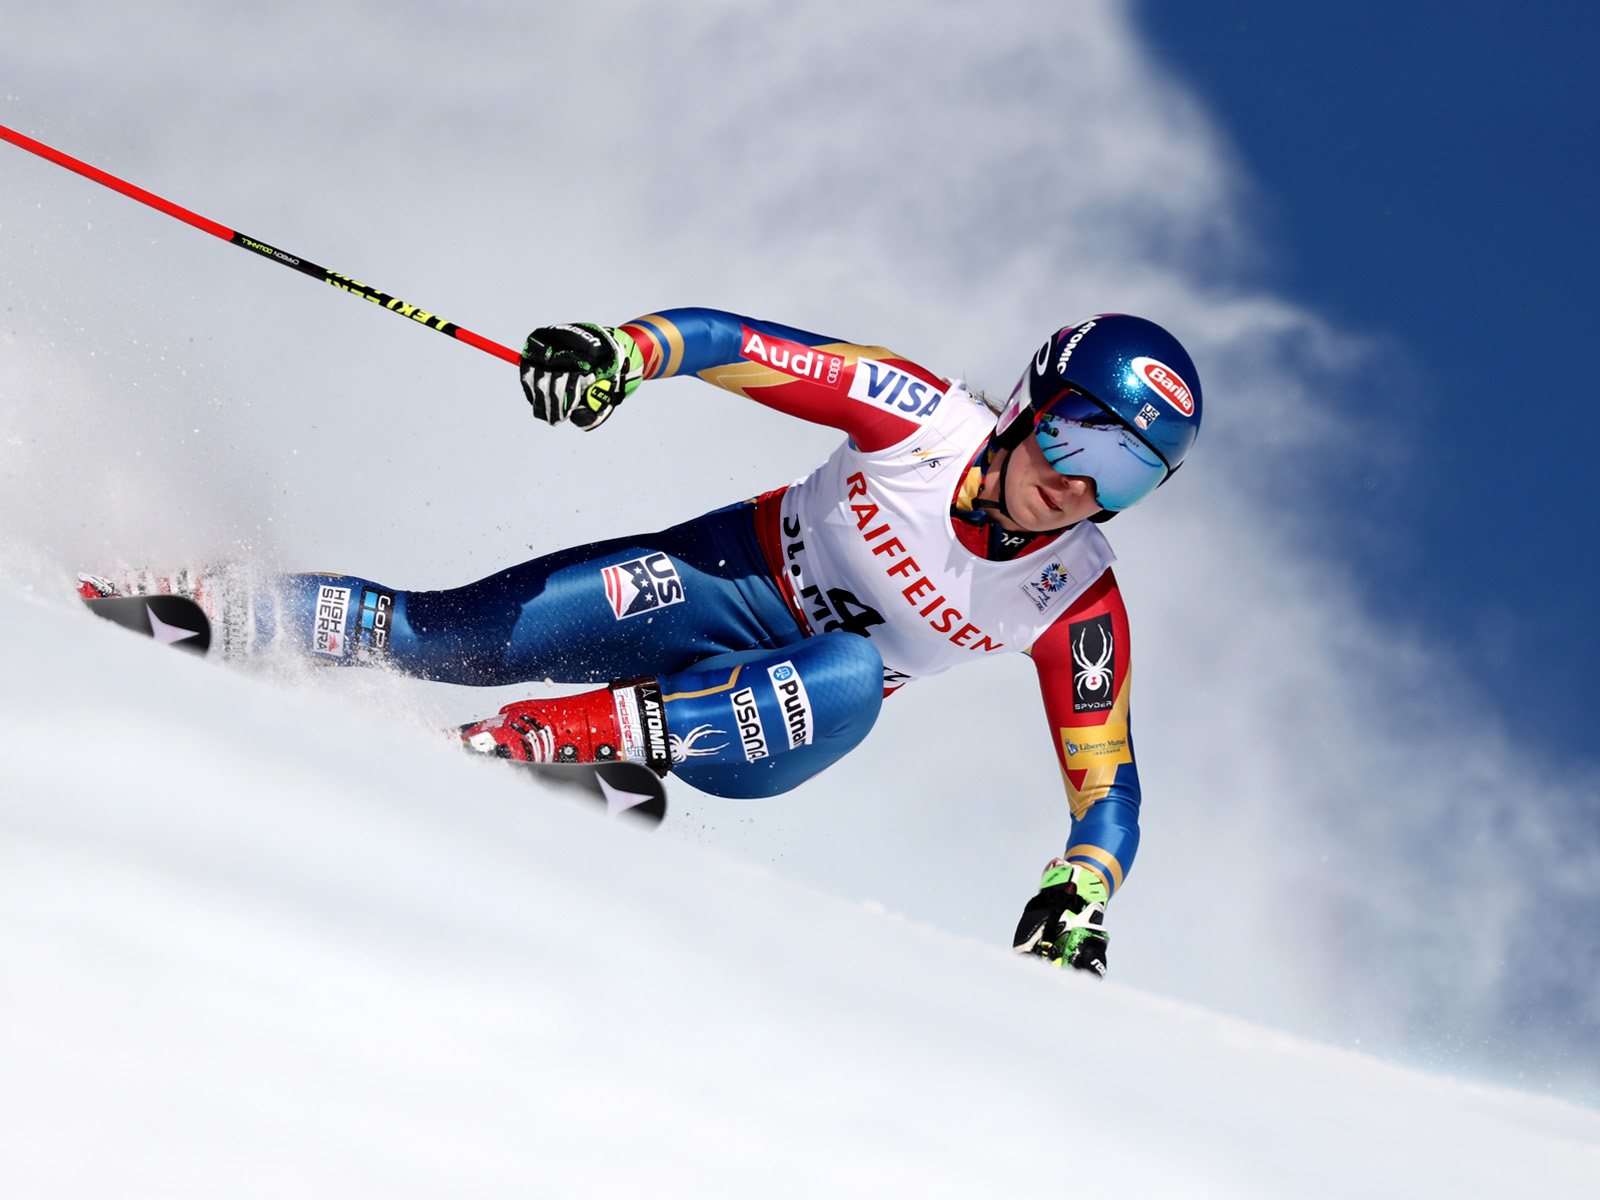 u s alpine ski team criteria